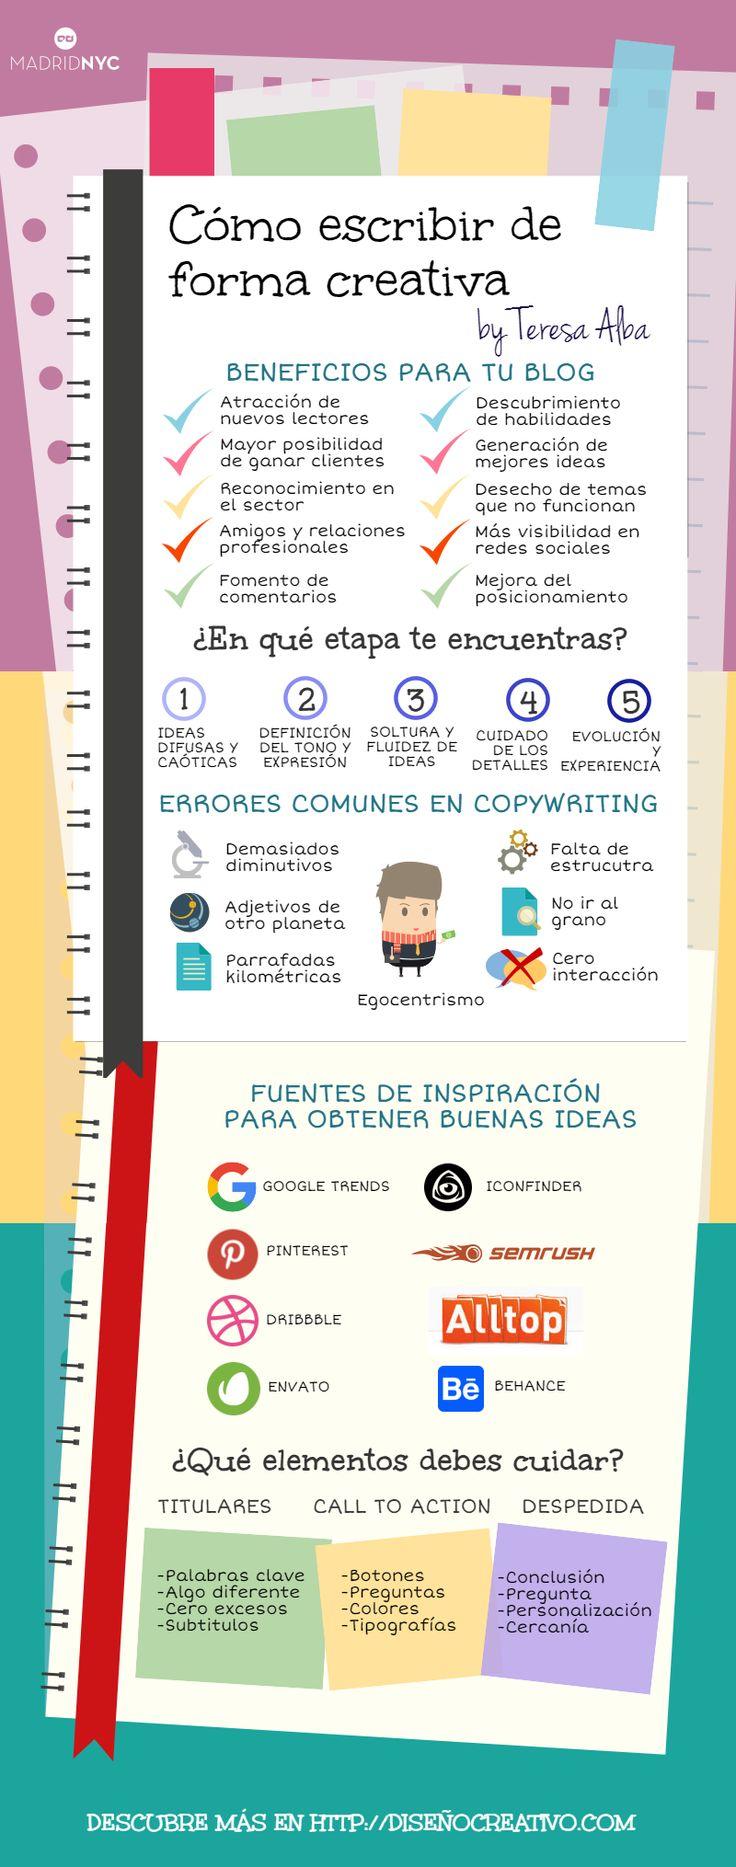 Cómo escribir de manera creativa en tu Blog #infografia #infographic #socialmedia | TICs y Formación